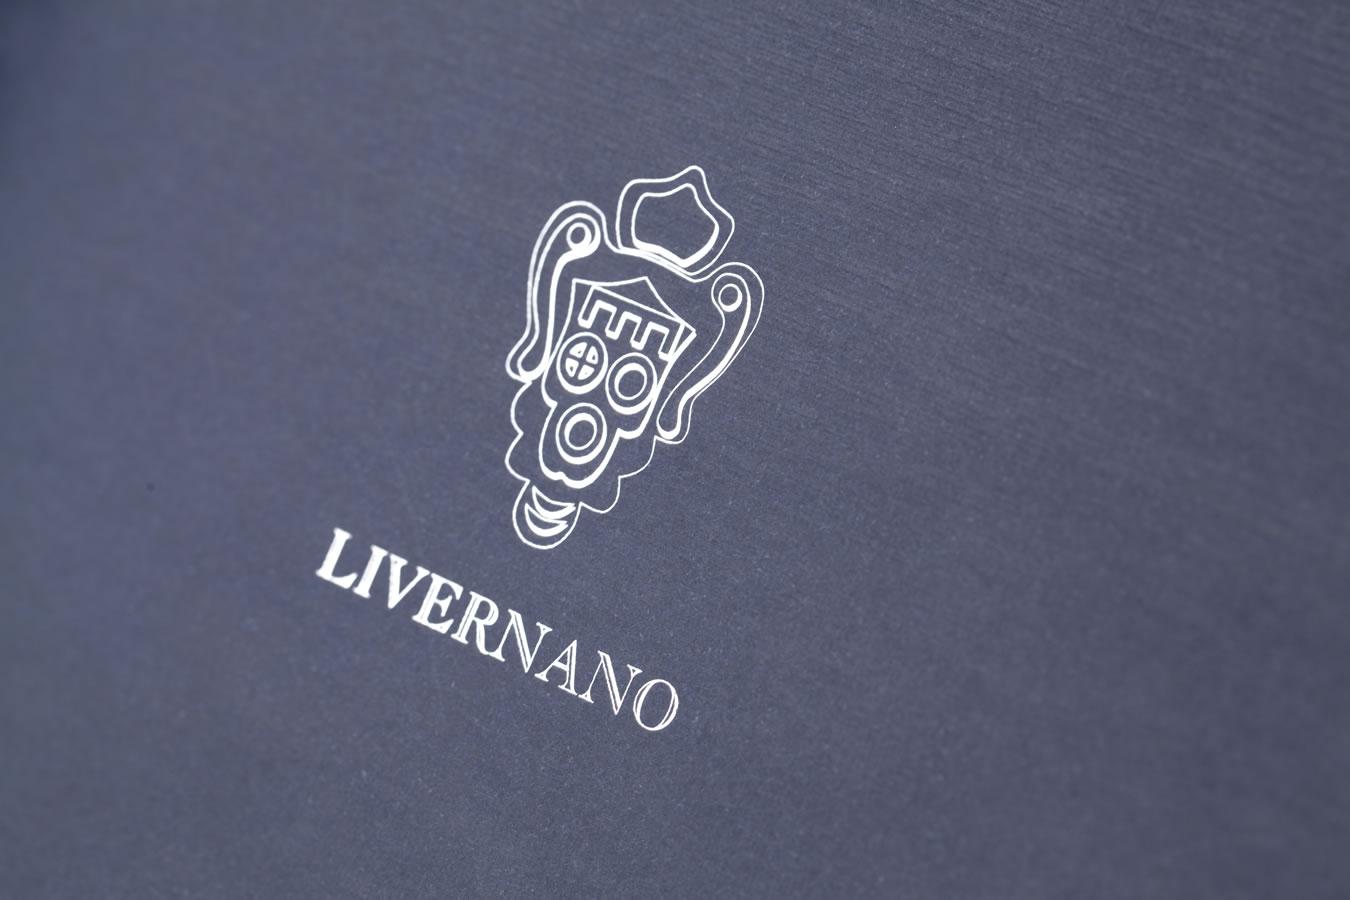 Livernano IMG 0025